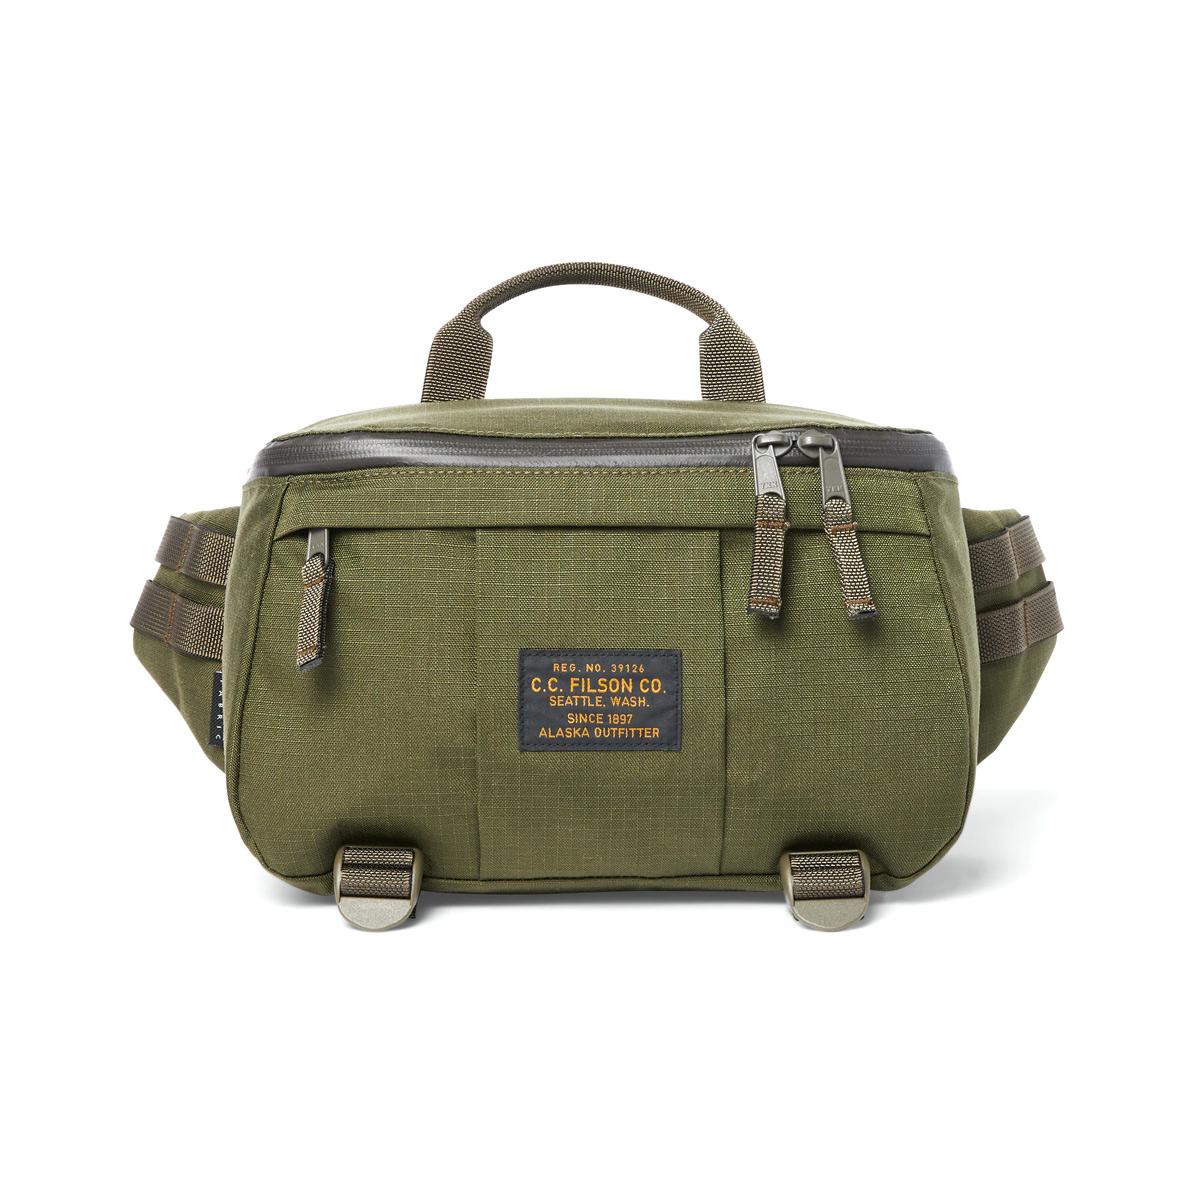 Filson Ripstop Compact Waist Pack 20186281-Surplus Green